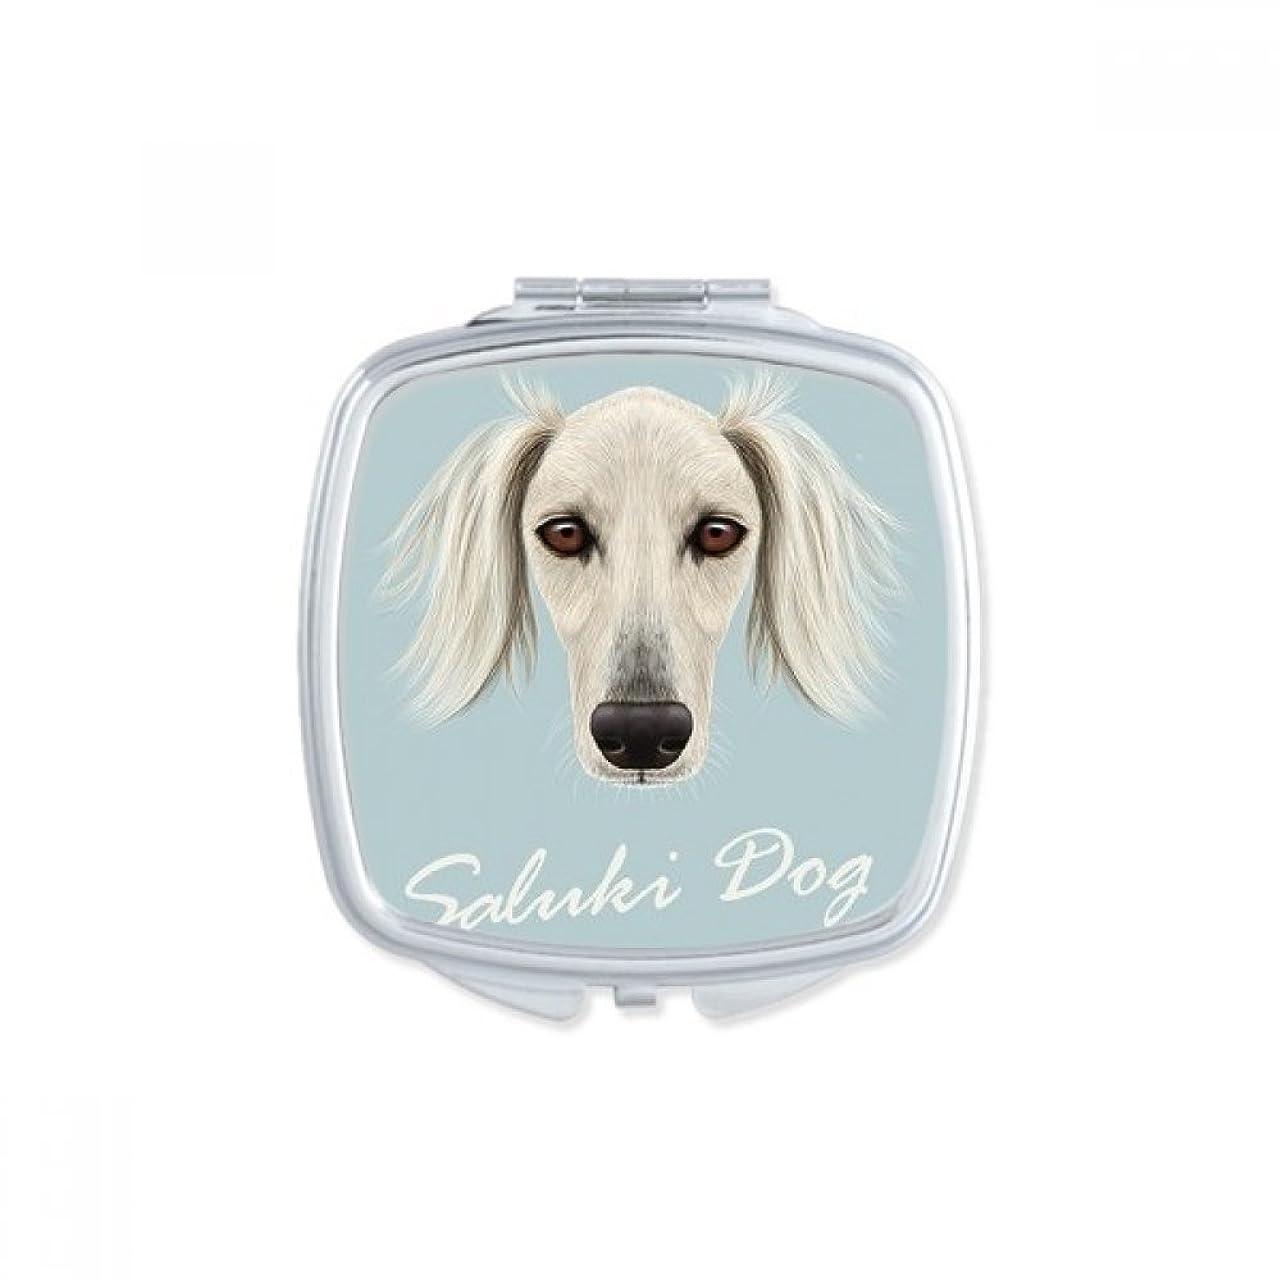 軽元気どこ長い顔の白いサルーキ犬ペット?動物 スクエアコンパクトメークアップポケットミラー携帯用の小さなかわいいハンドミラープレゼント